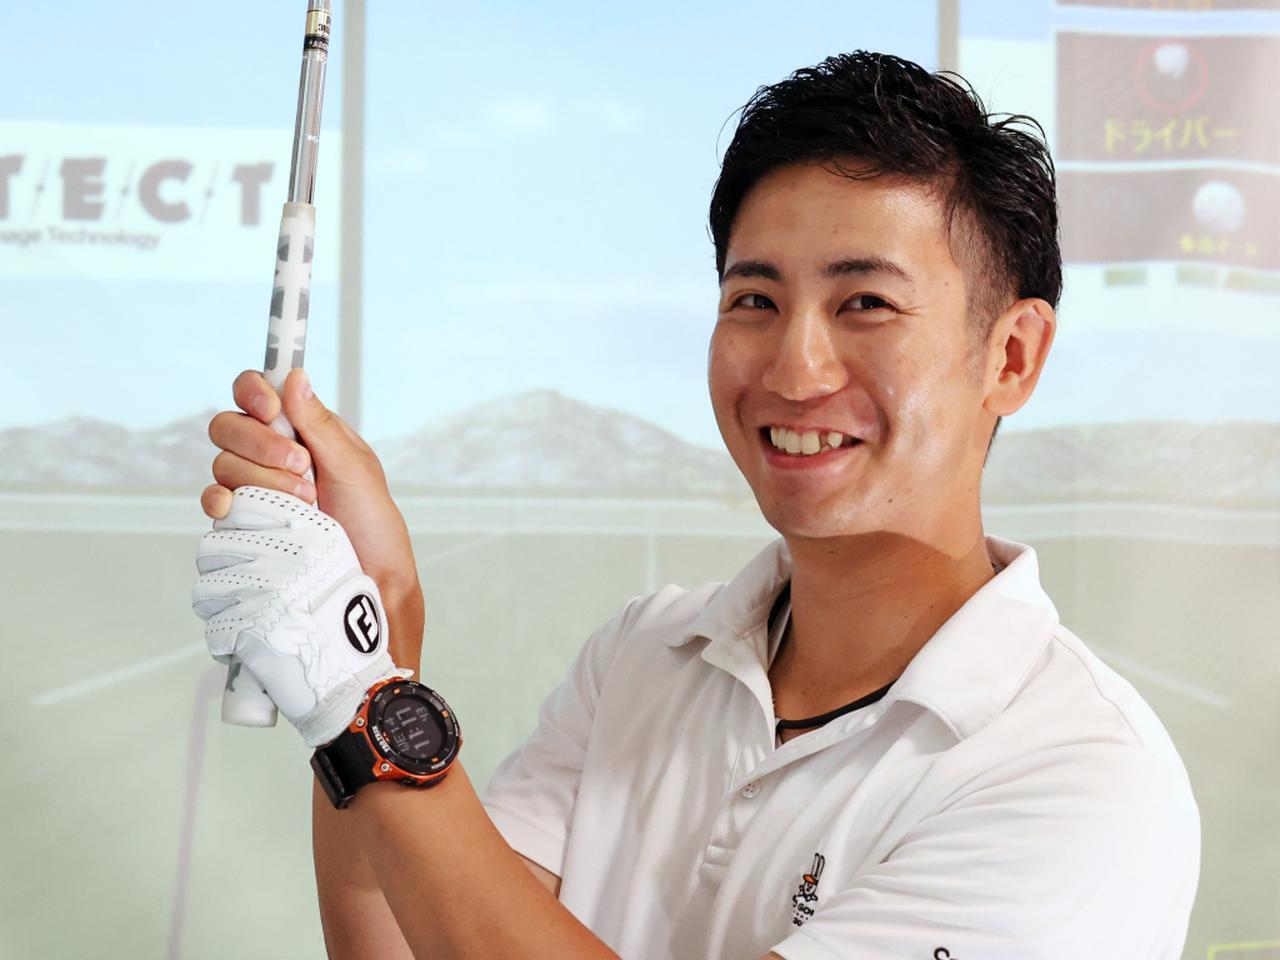 画像: ゴルフクラブの握り方の基本を、福田慈英コーチに教えてもらおう